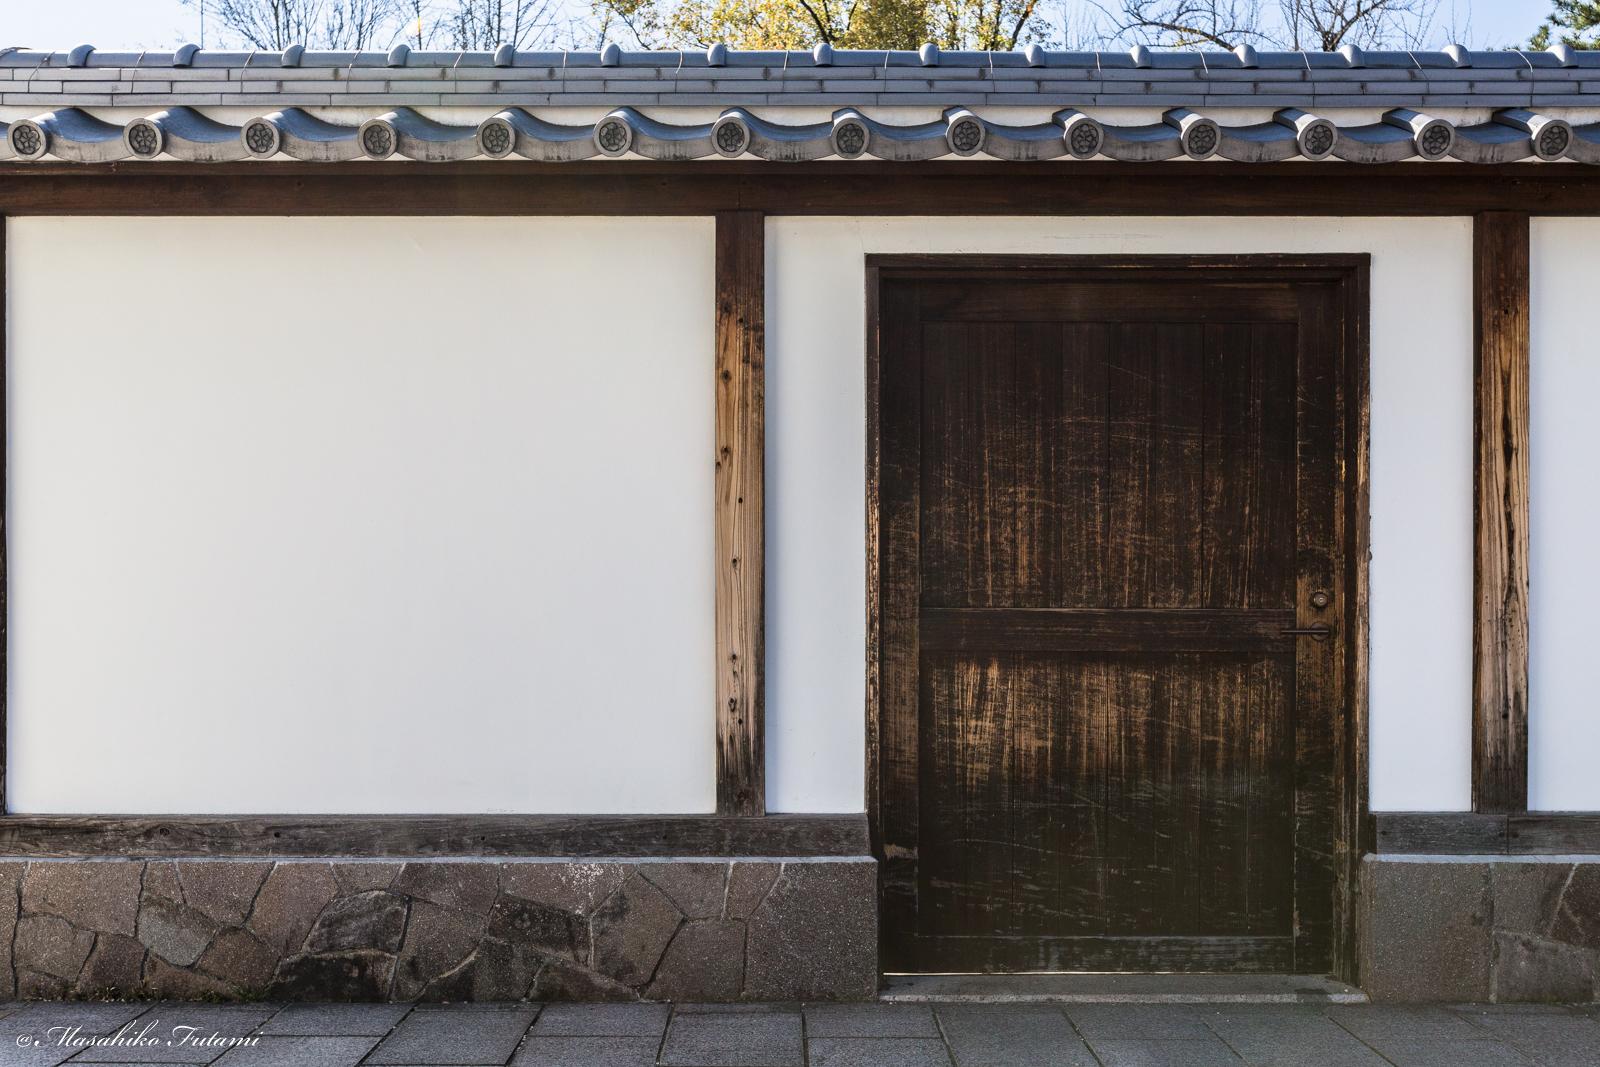 Scent of Samurai